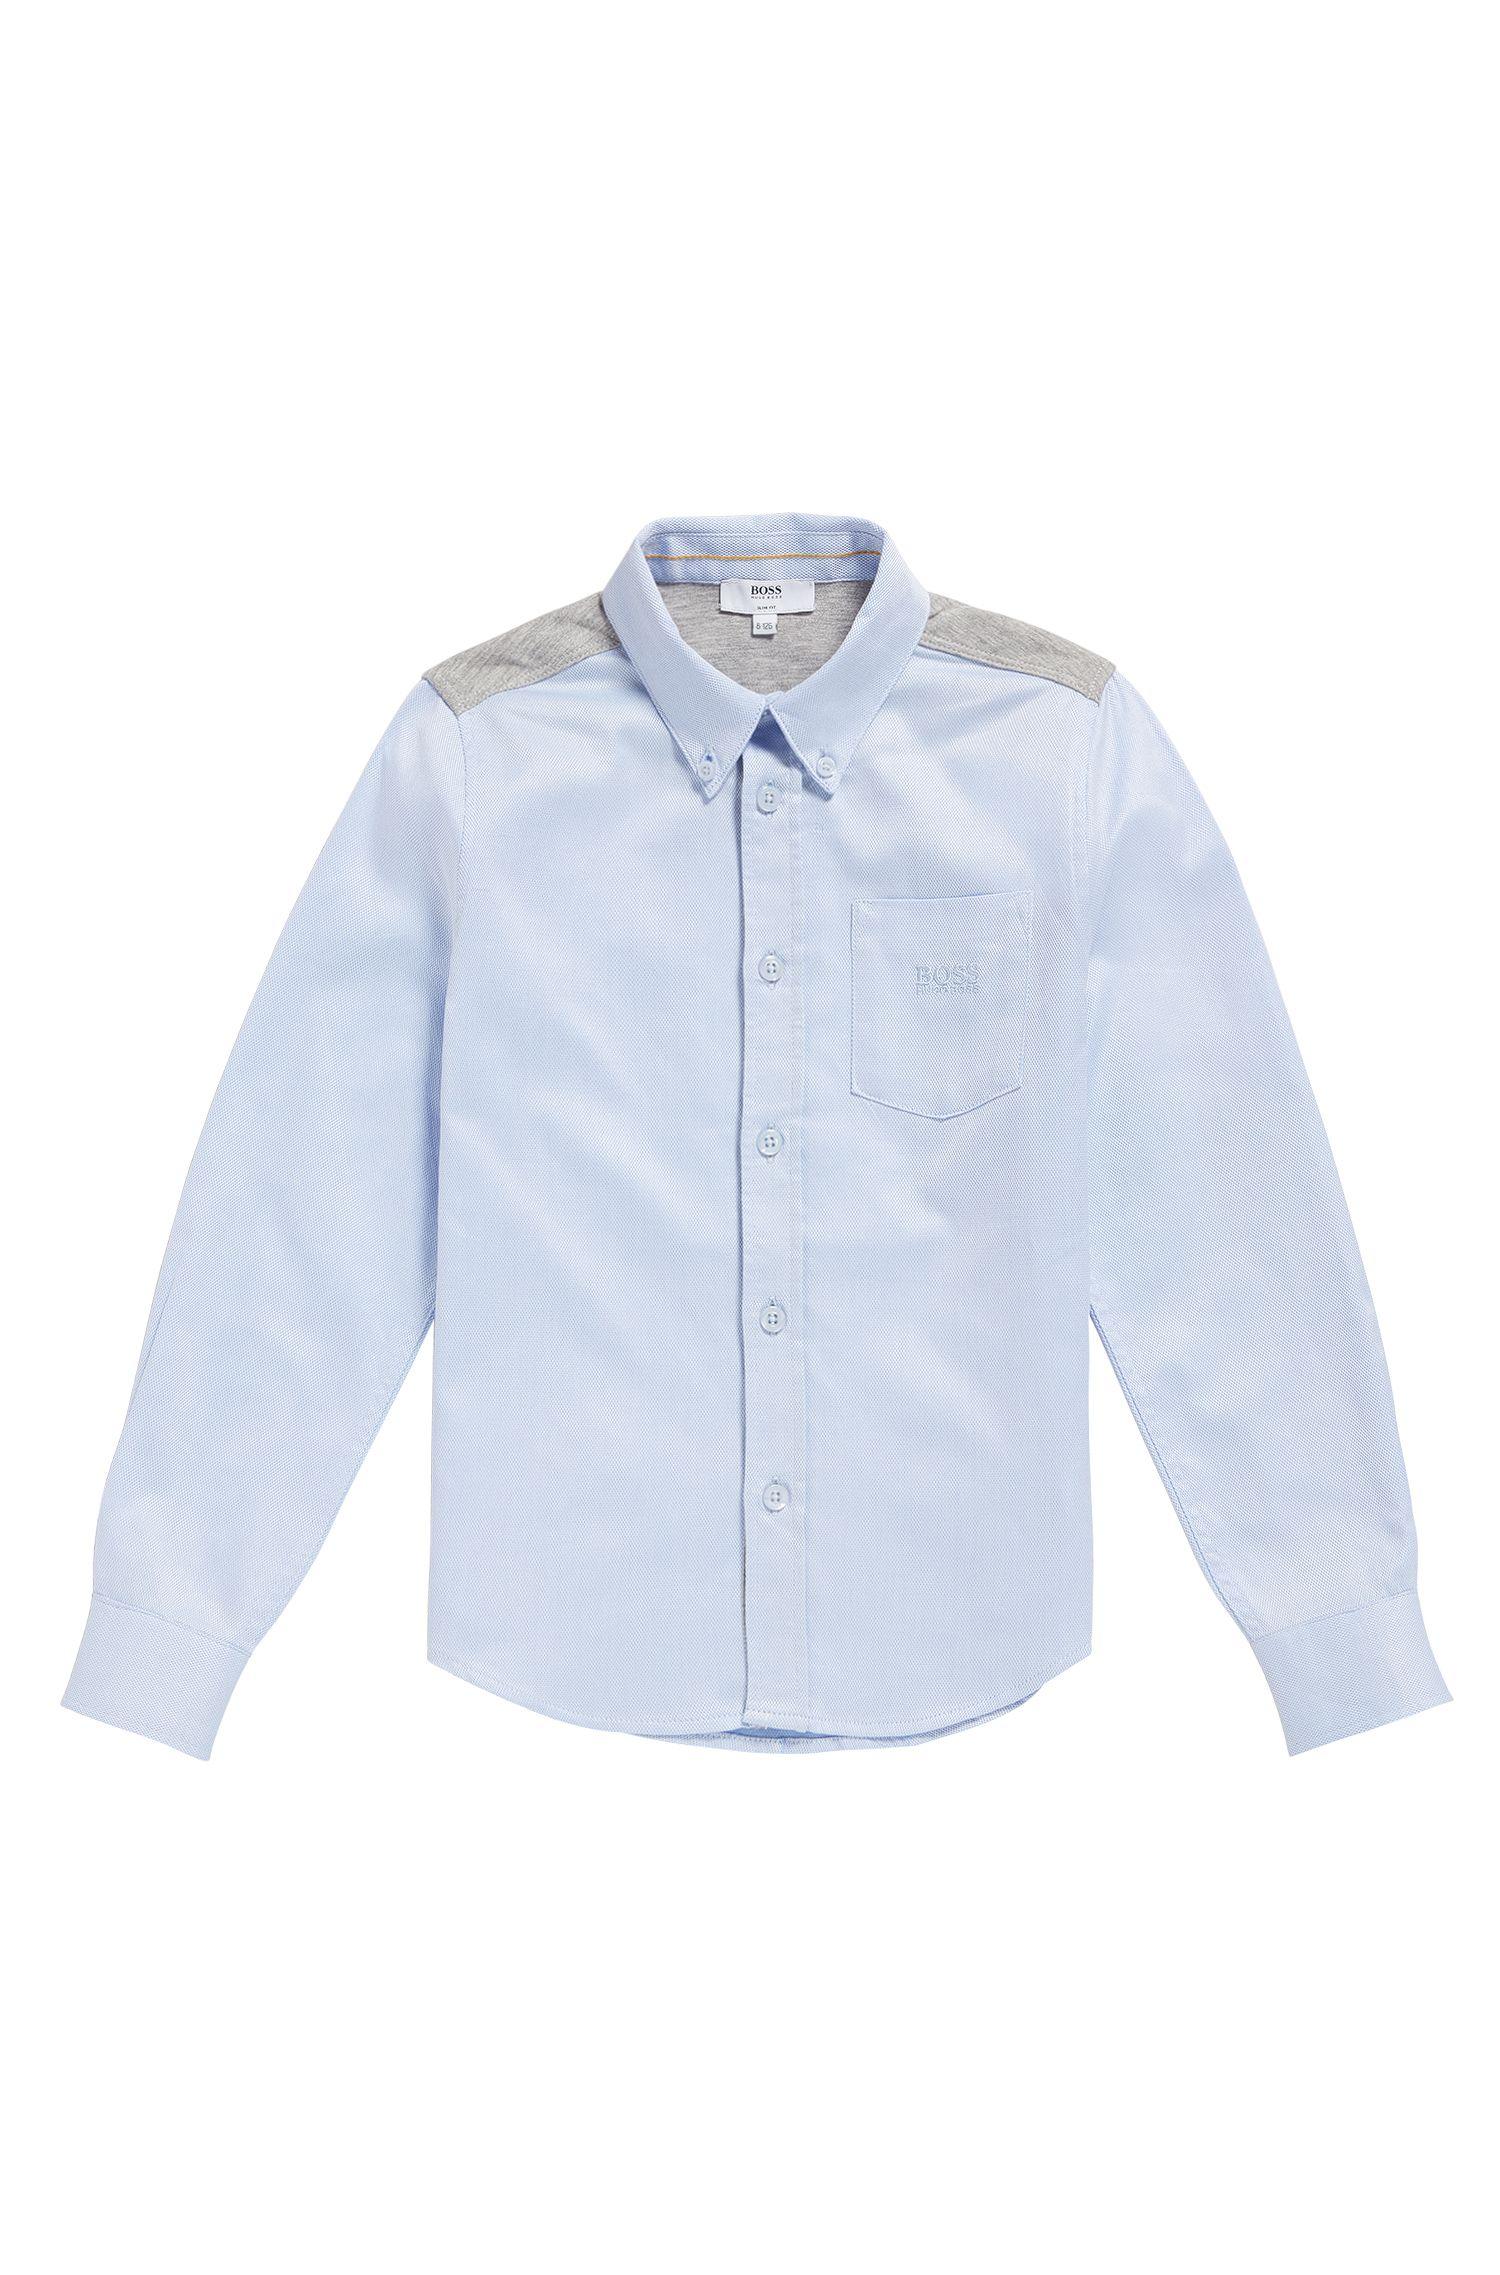 'J25990'   Boys Cotton Jersey Oxford Button Down Shirt